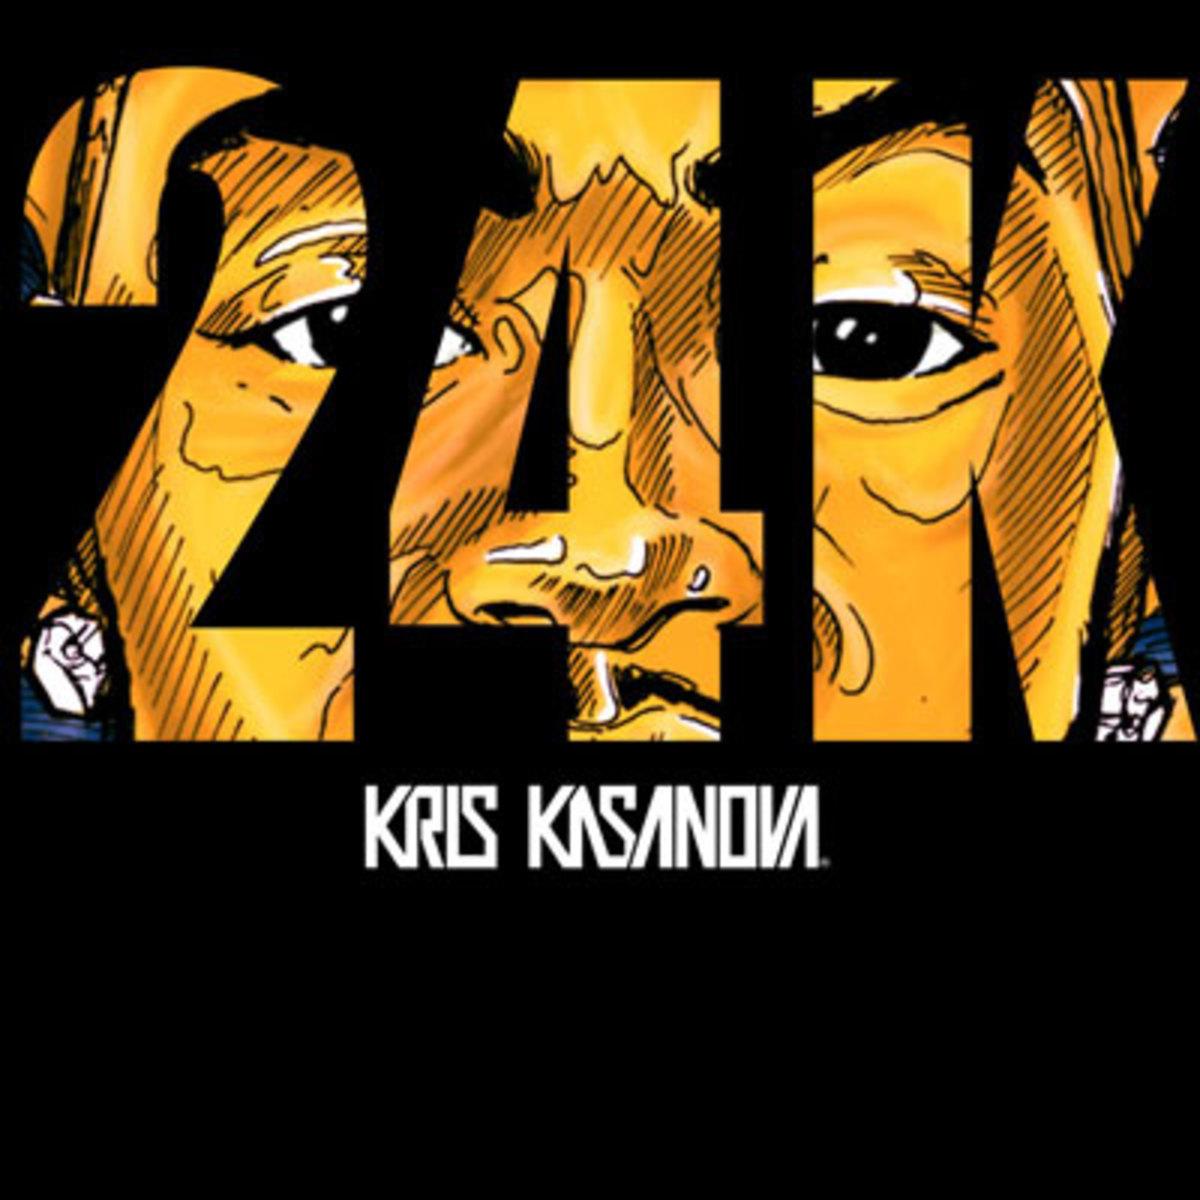 kriskasanova-24k.jpg